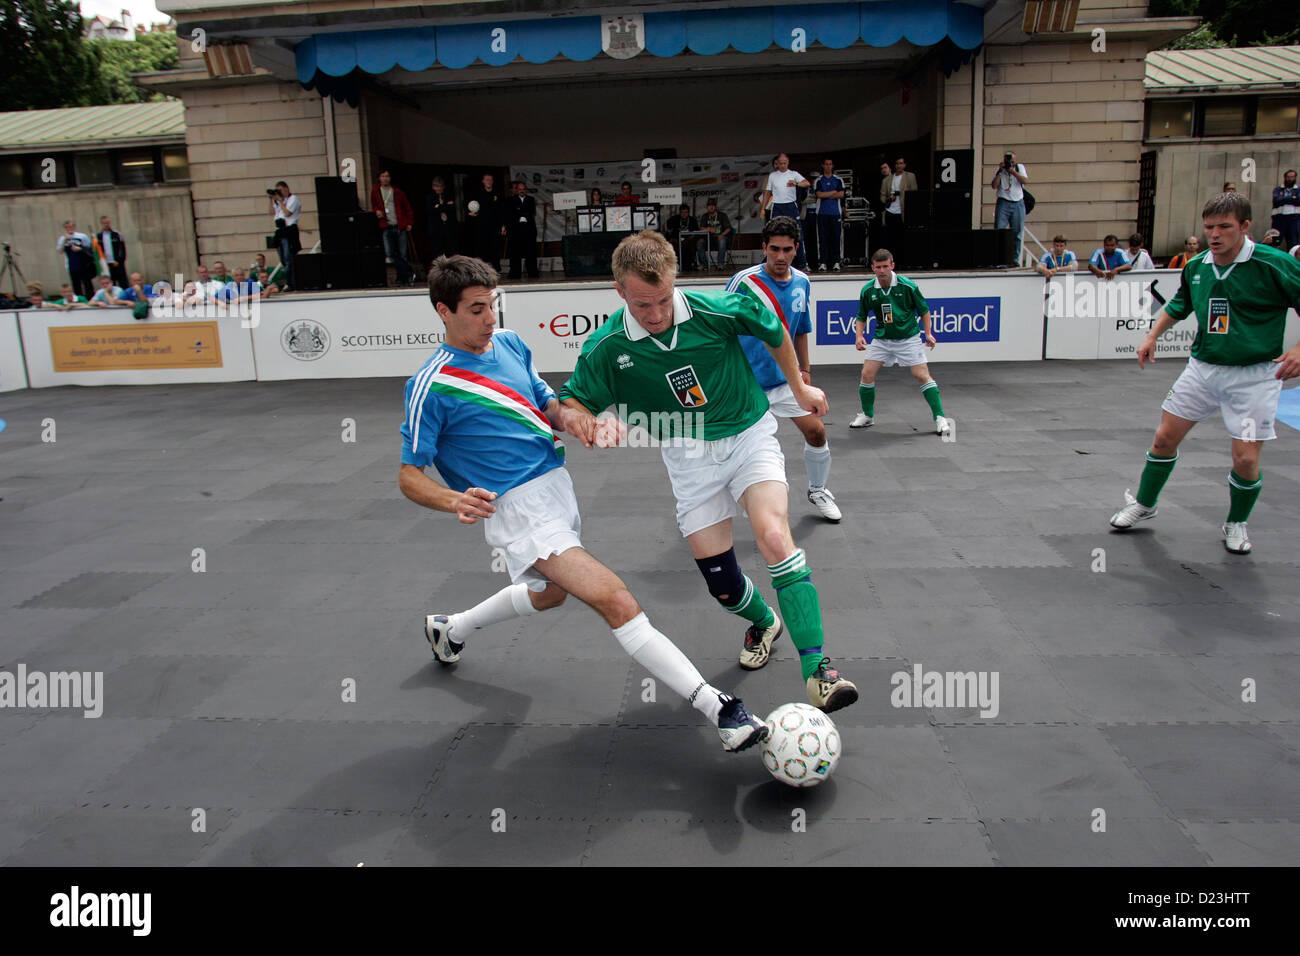 Italia contra Irlanda en la Homeless World Cup, un torneo de fútbol celebrado en Edimburgo, Escocia, en 2005 Imagen De Stock